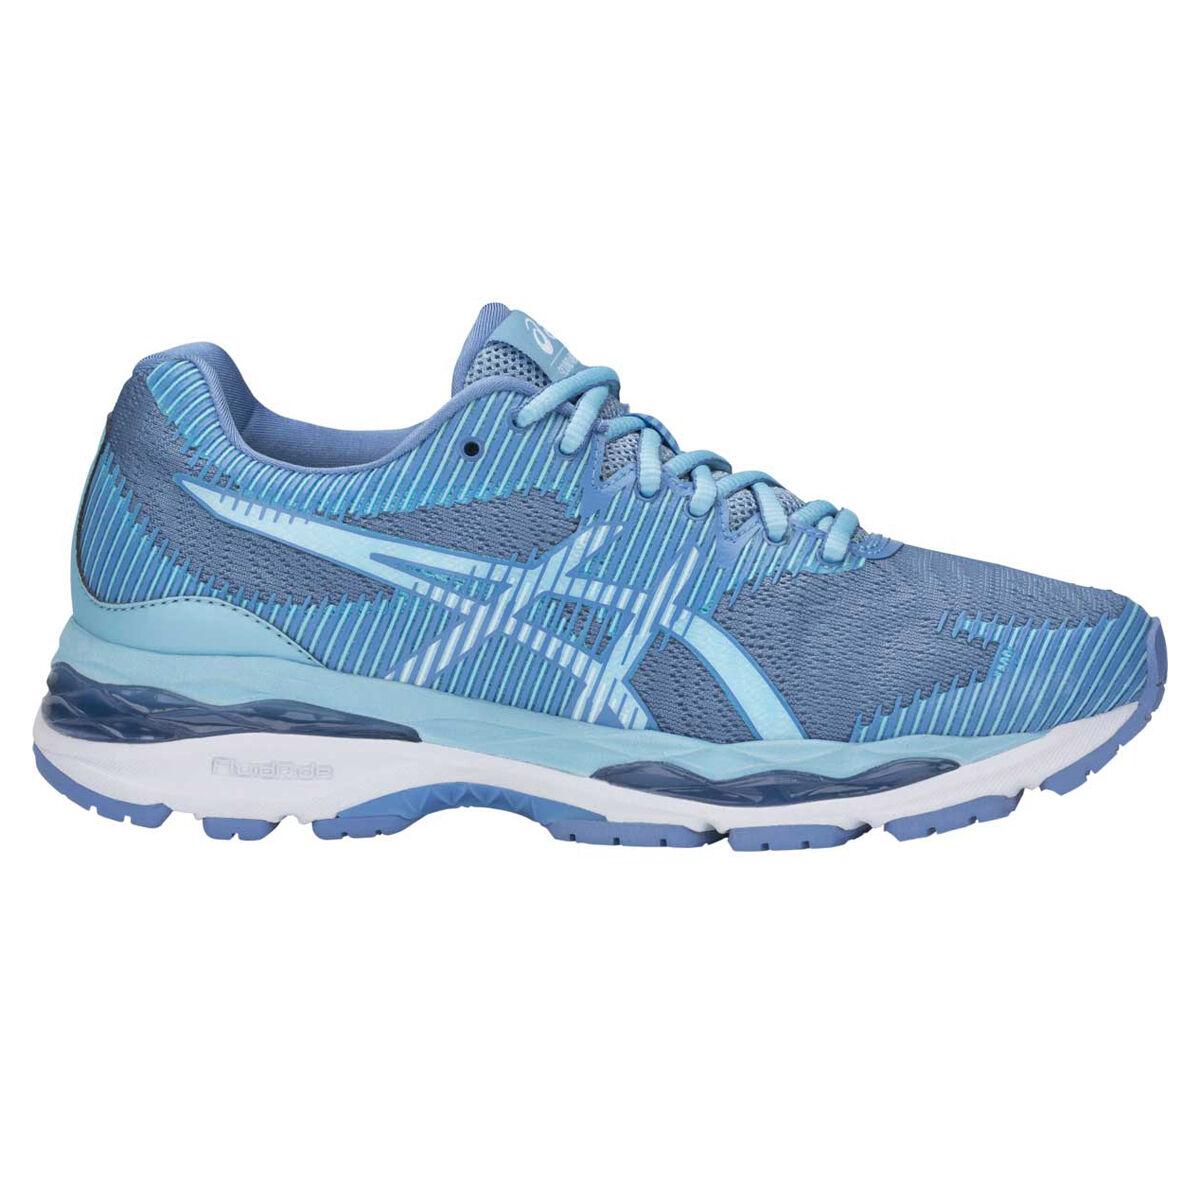 Asics GEL Ziruss 2 Womens Running Shoes